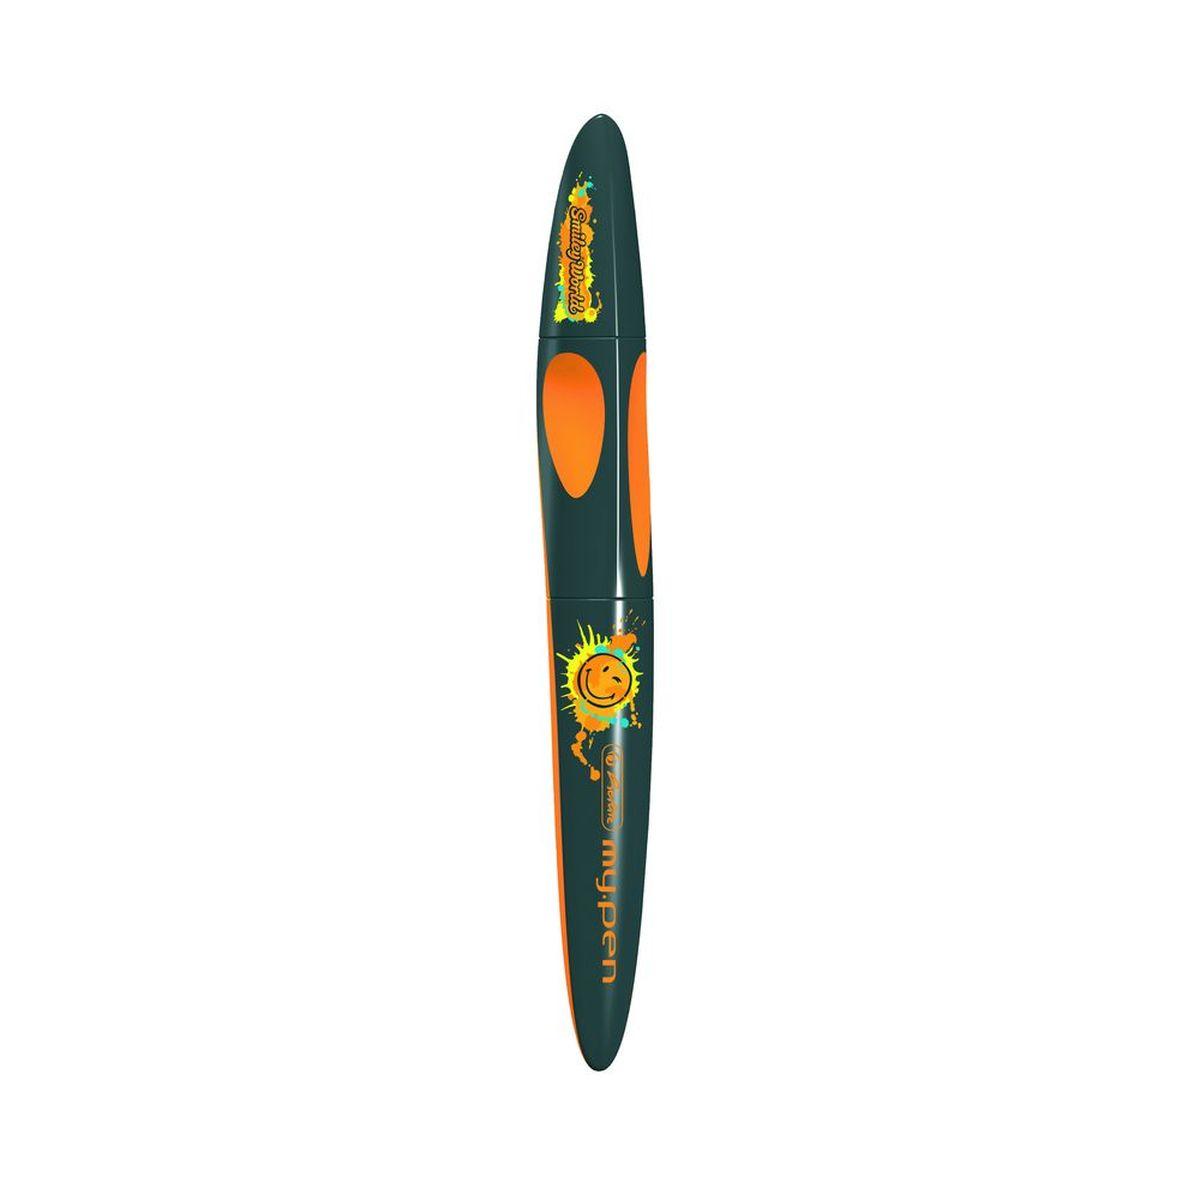 Herlitz Ручка-роллер Smiley World Edition72523WDРучка-роллер Herlitz Smiley World Edition оснащена пластиковым корпусом с эргономичной зоной охвата и вставками из резины, удобна для правшей и левшей. Благодаря сменным картриджам роллера со встроенной системой подачи чернил,эта ручка никогда не подведет вас. С ее помощью вы также можете стереть другие чернила.